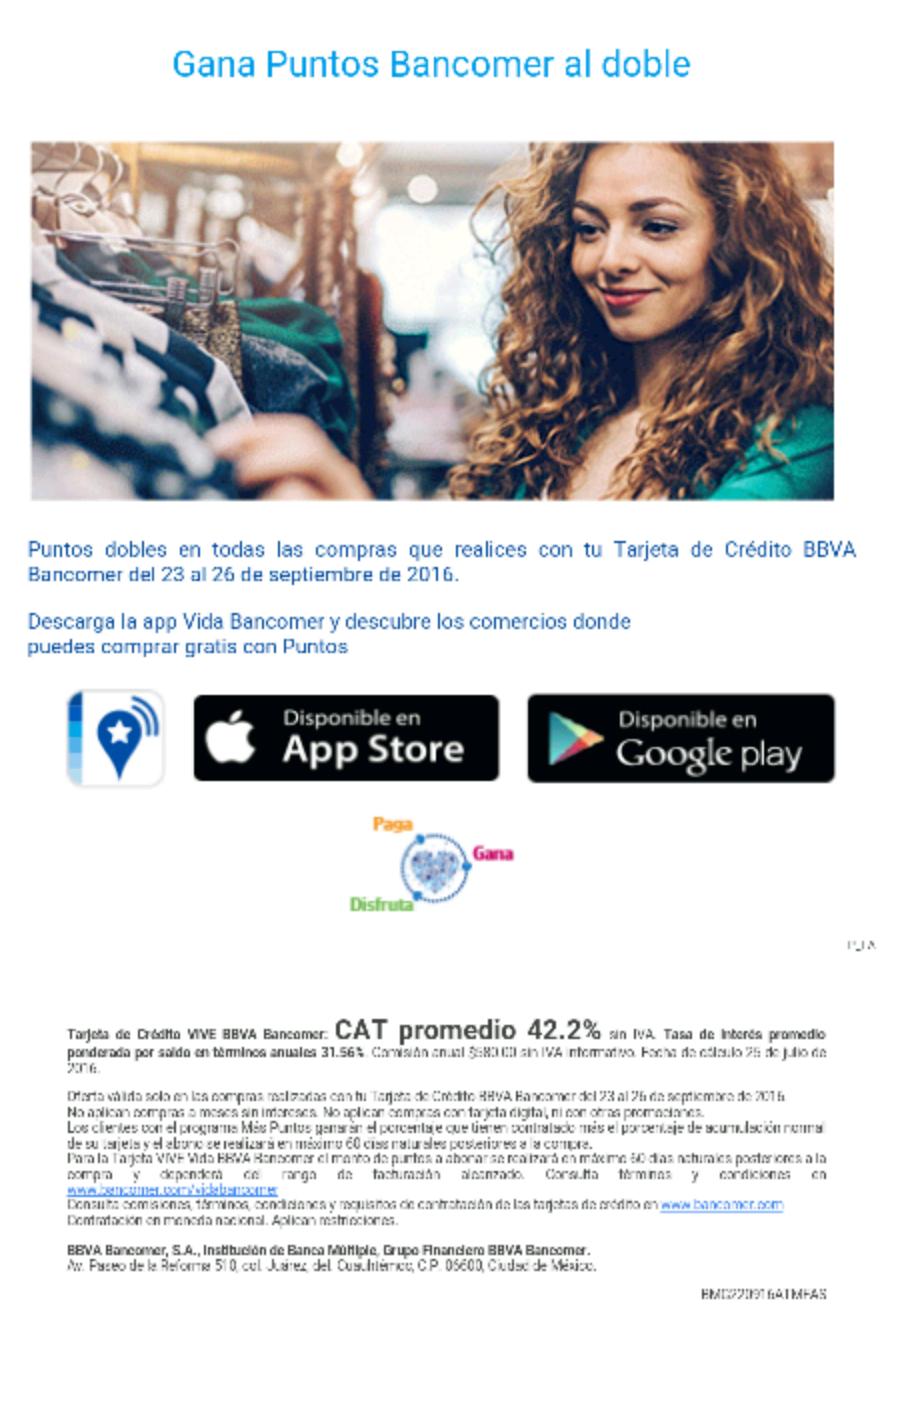 Bancomer: puntos dobles del 23 al 26 de septiembre.